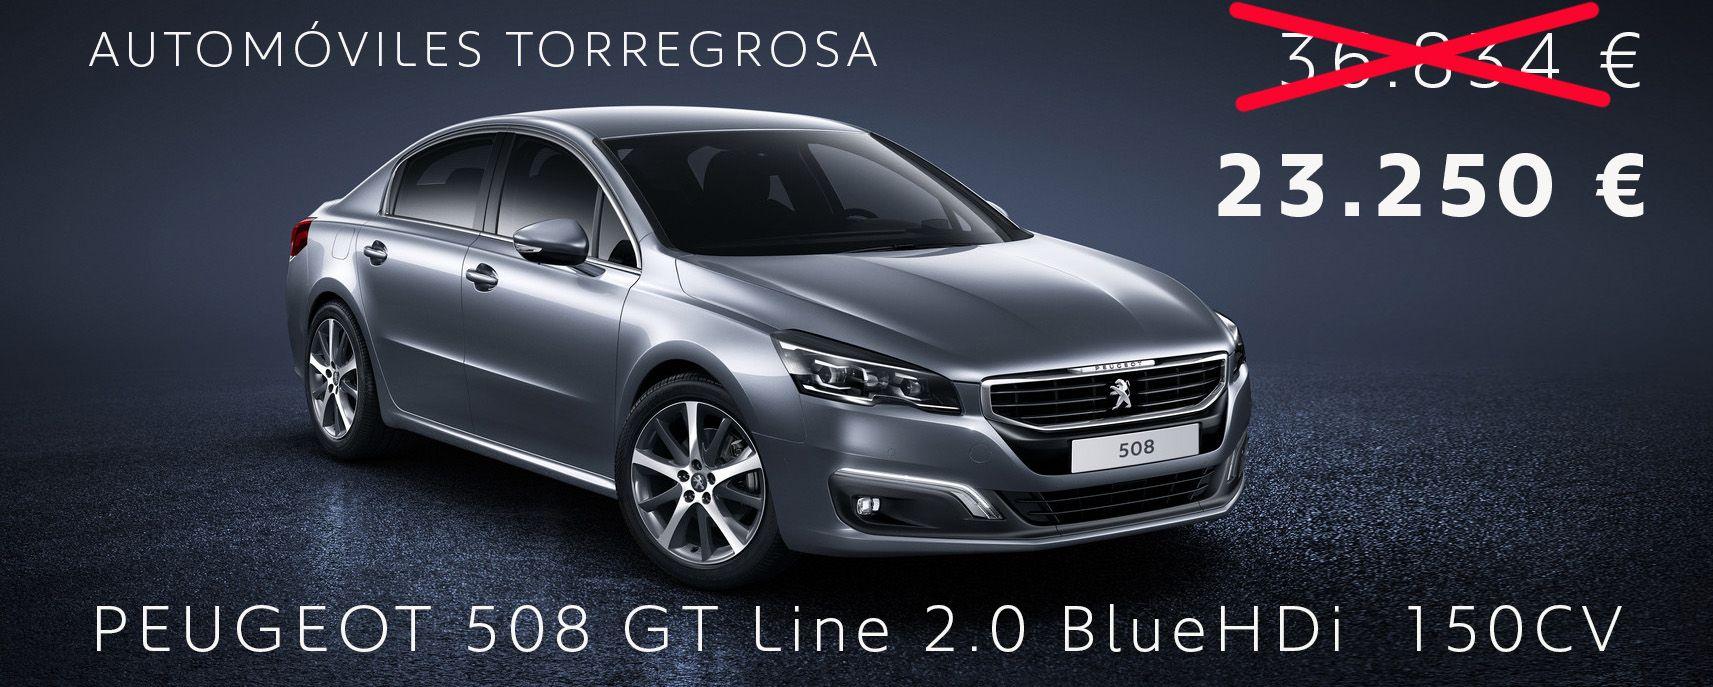 PEUGEOT 508 GT LINE POR 23.250 € CON 13.584€ DE DESCUENTO